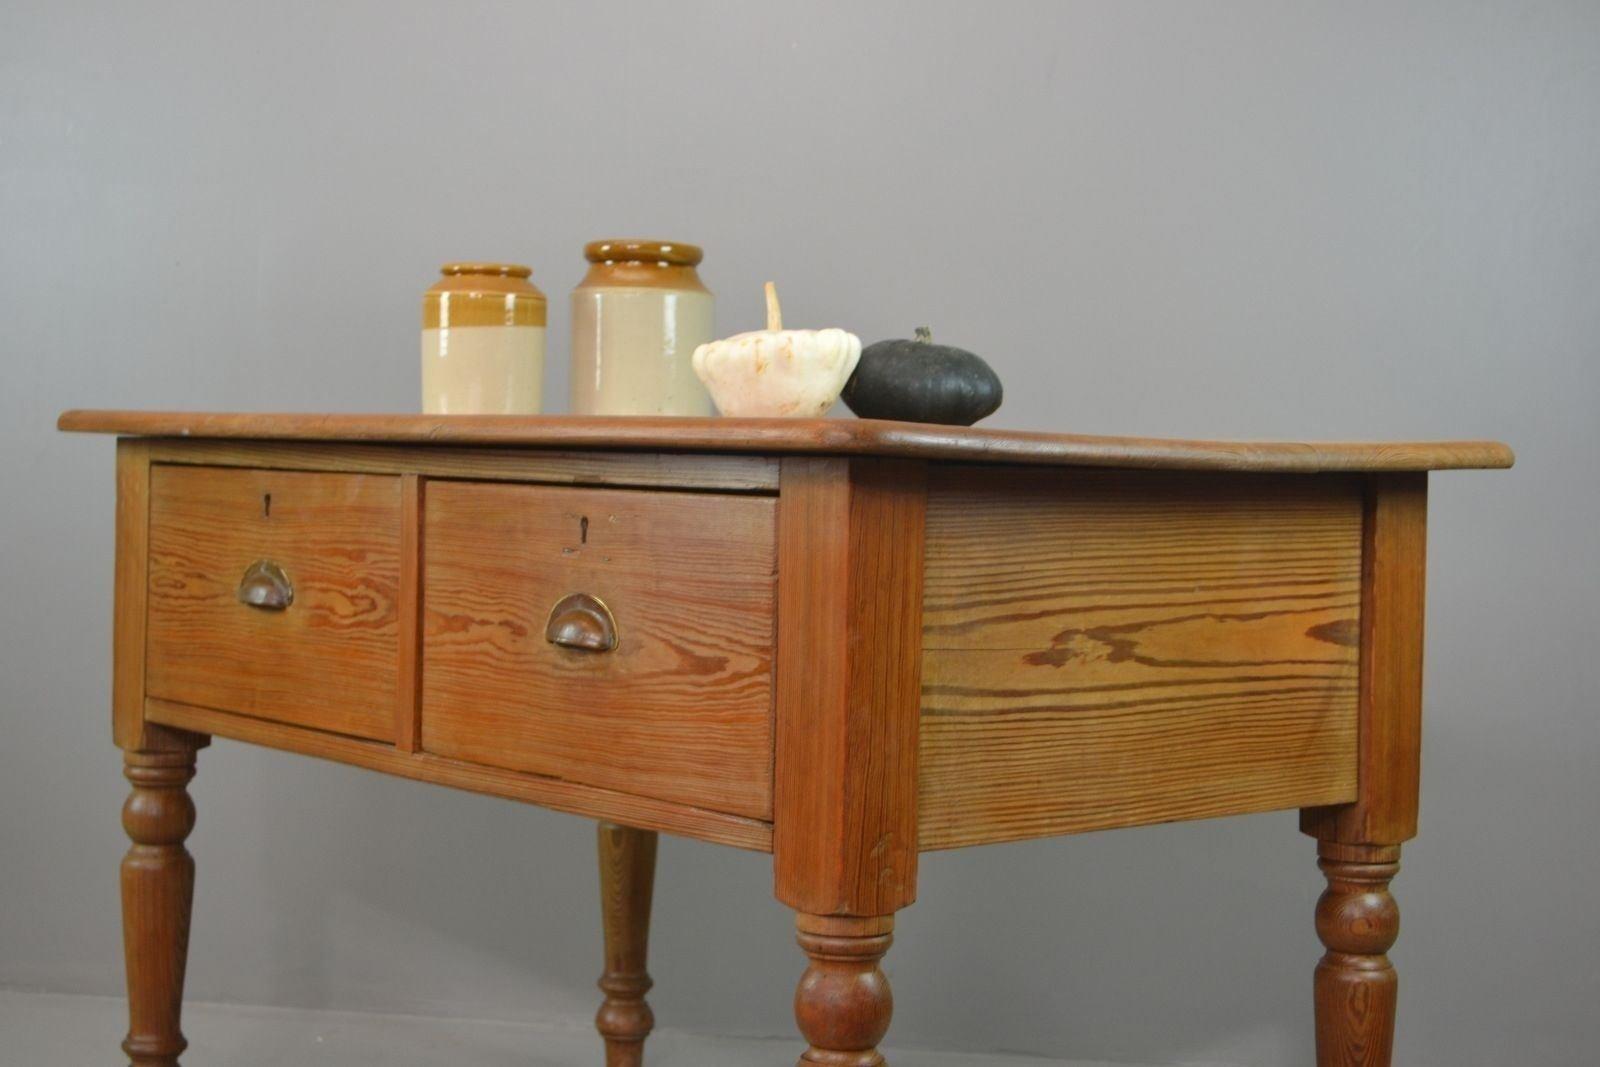 Tavolo rustico antico da cucina in pino